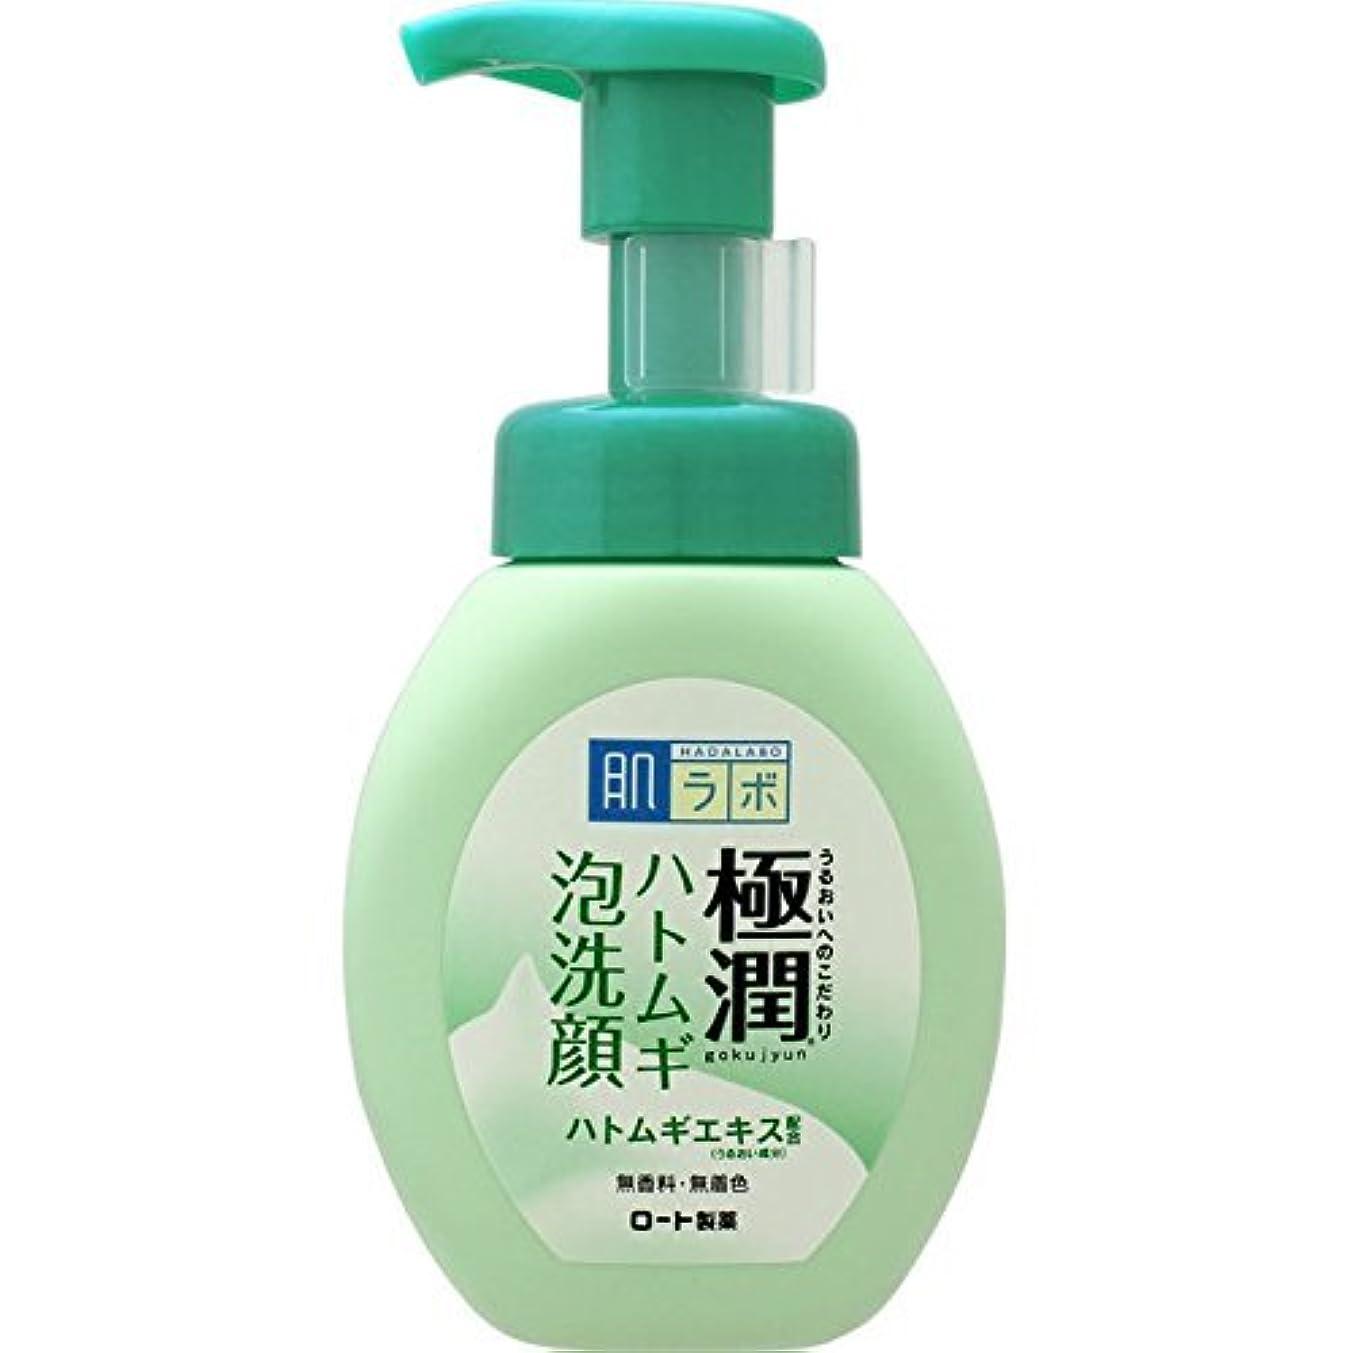 肌ラボ 極潤 ハトムギ泡洗顔 160mL